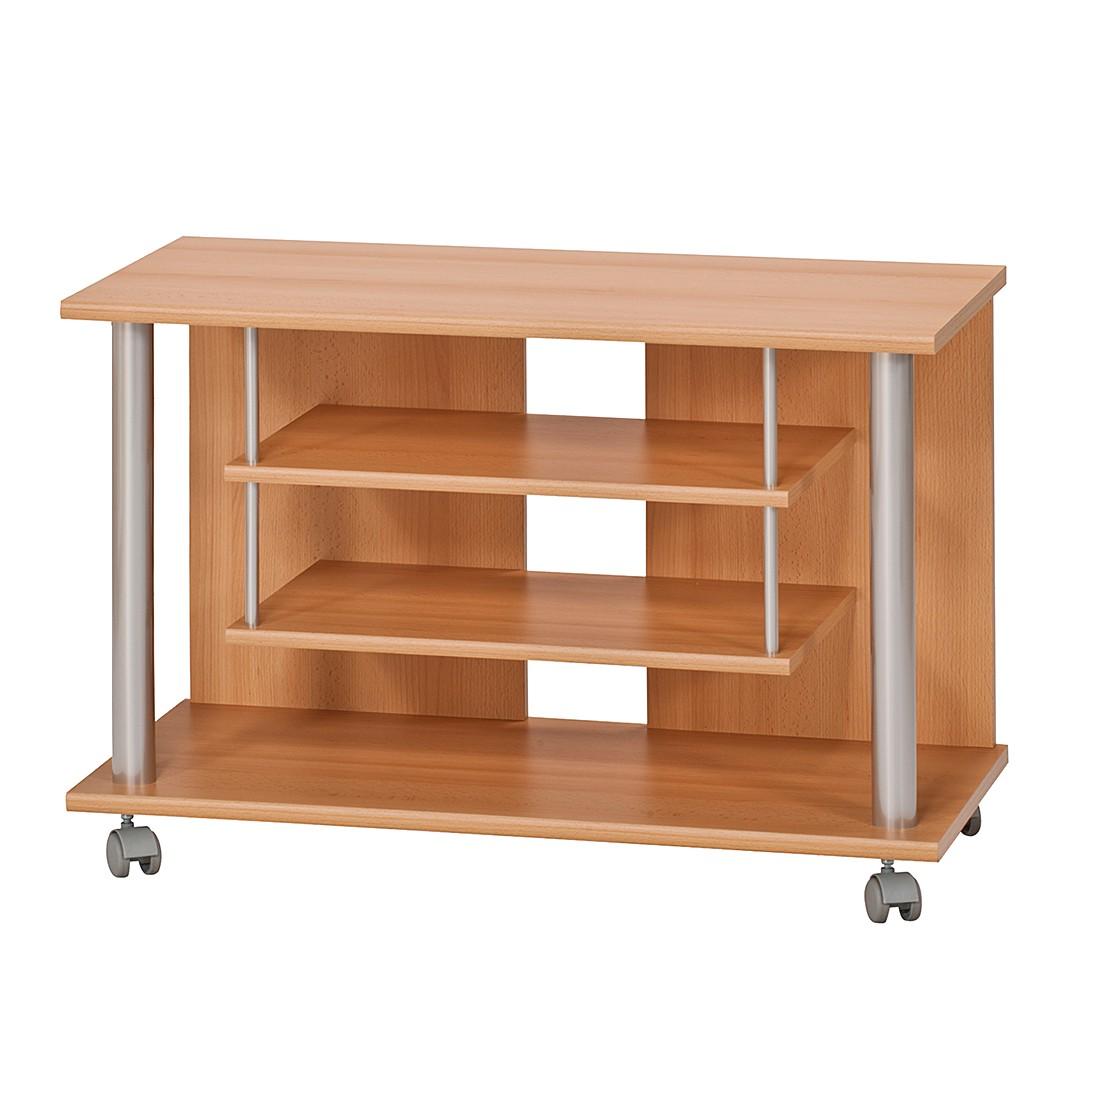 meuble tv largeur 80 cm largeur 80 cm trouvez largeur 80 cm parmis nos meubles de television. Black Bedroom Furniture Sets. Home Design Ideas